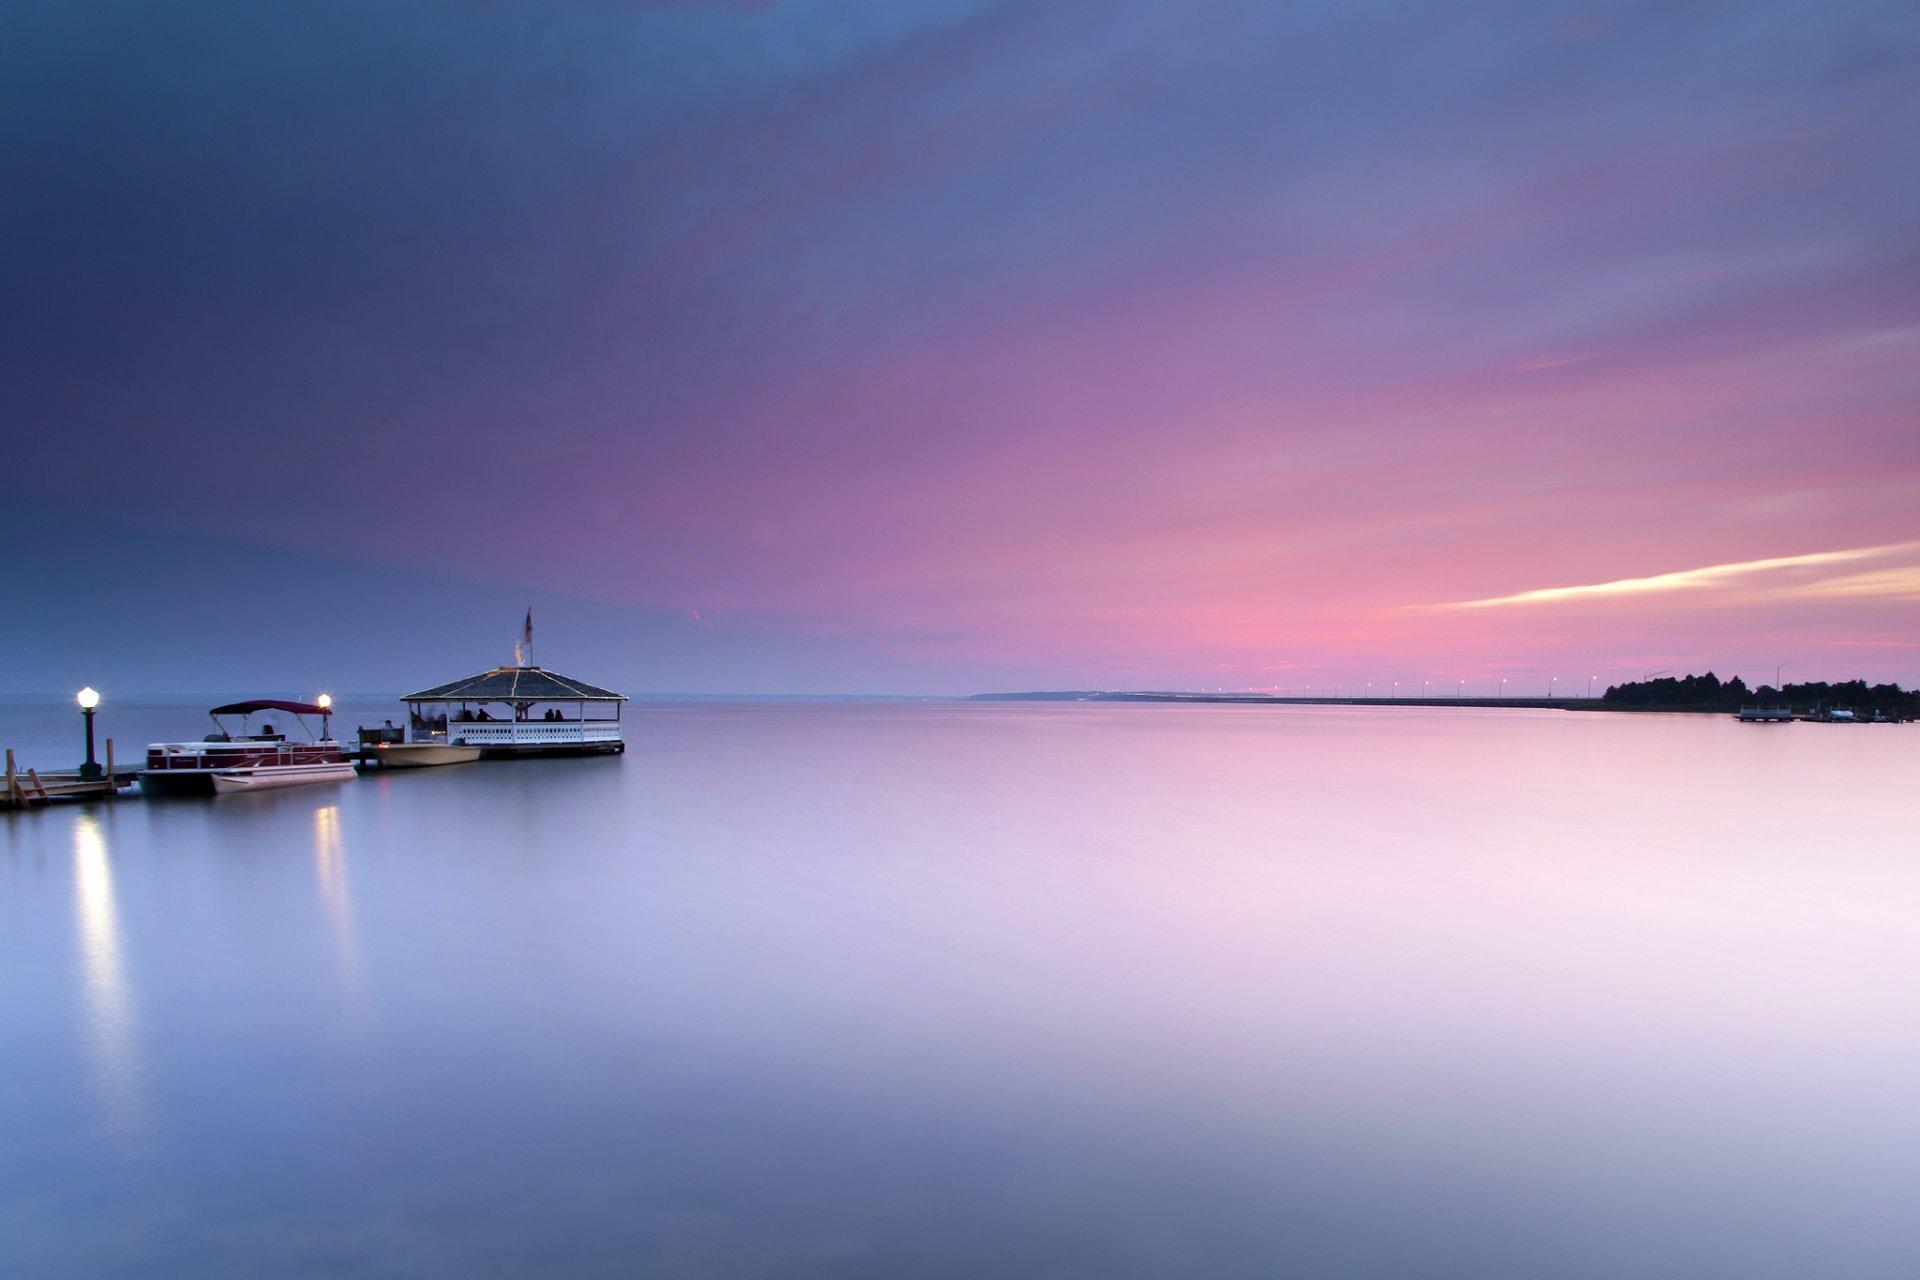 Пристань на голубом озере скачать